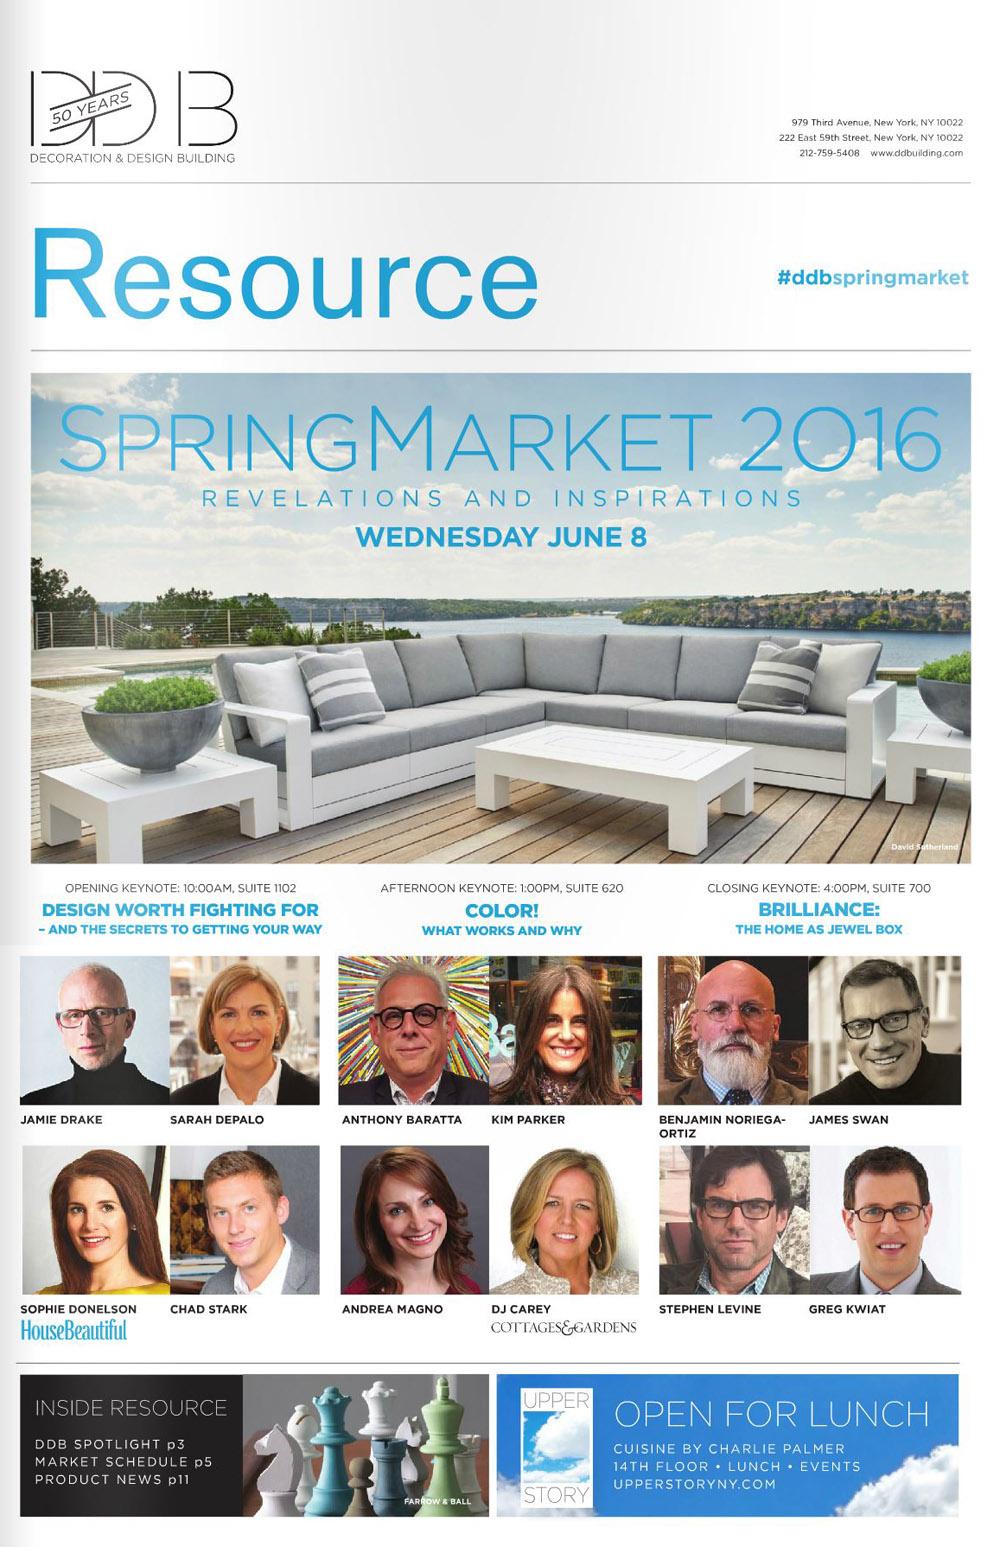 DDB Spring Market 2016